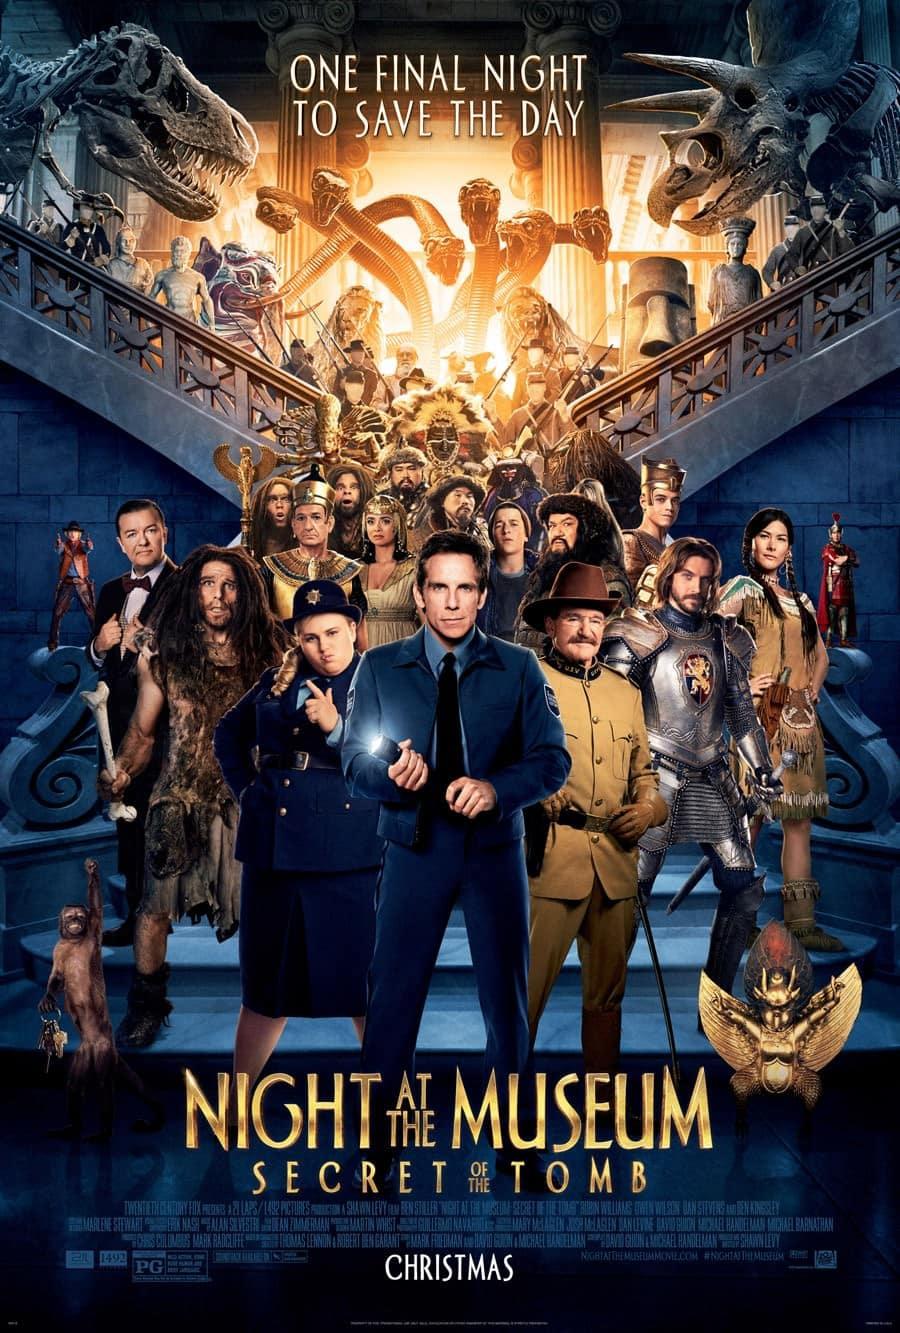 los personajes de una noche en el museo 3 - el secreto de la tumba